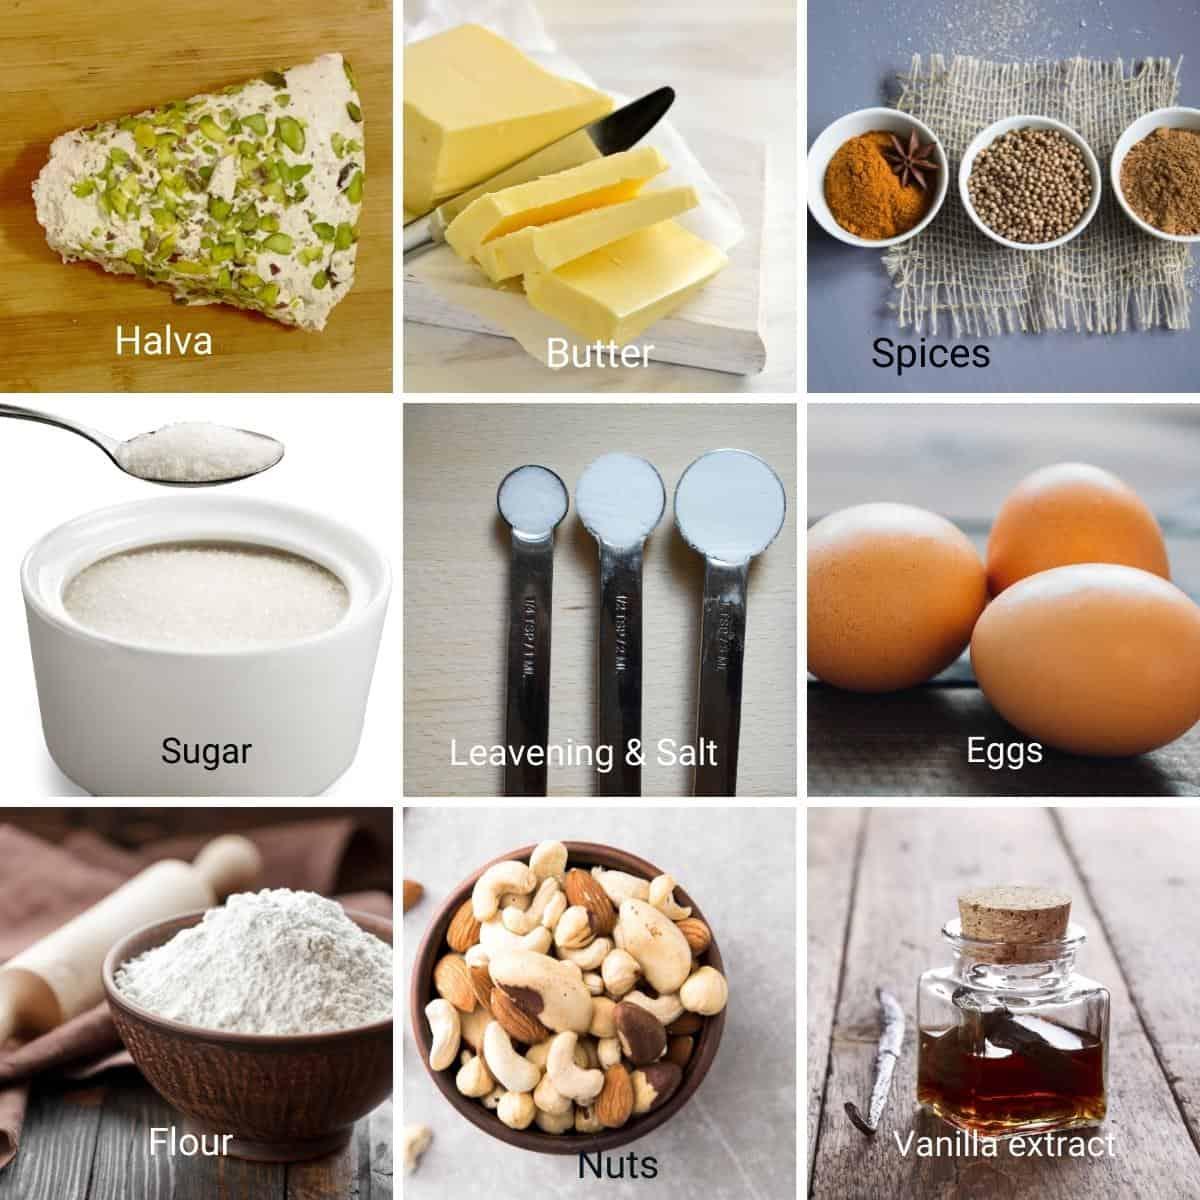 Ingredients for halva cookies.